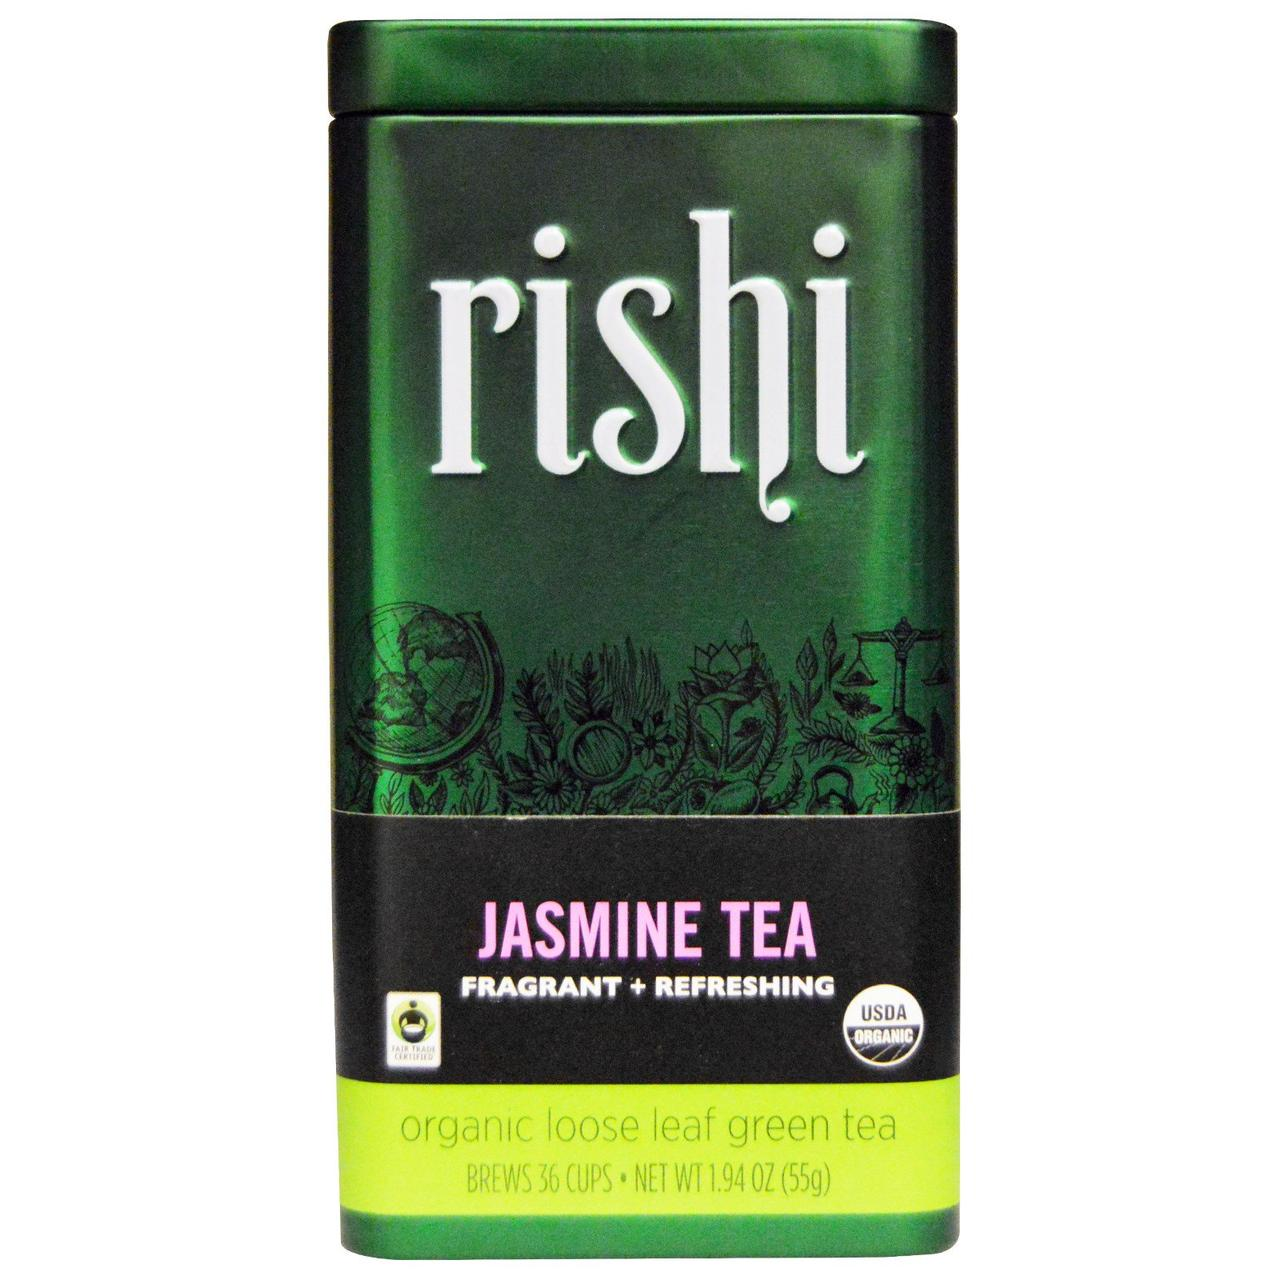 Rishi Tea, Органічний зелений листовий чай, жасмин, 1,94 унції (55 г)